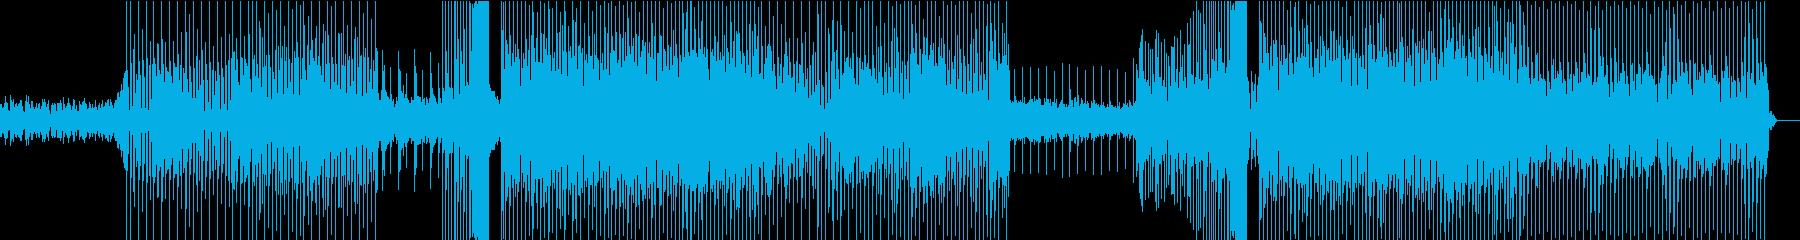 ダークな雰囲気と特徴的な声の再生済みの波形